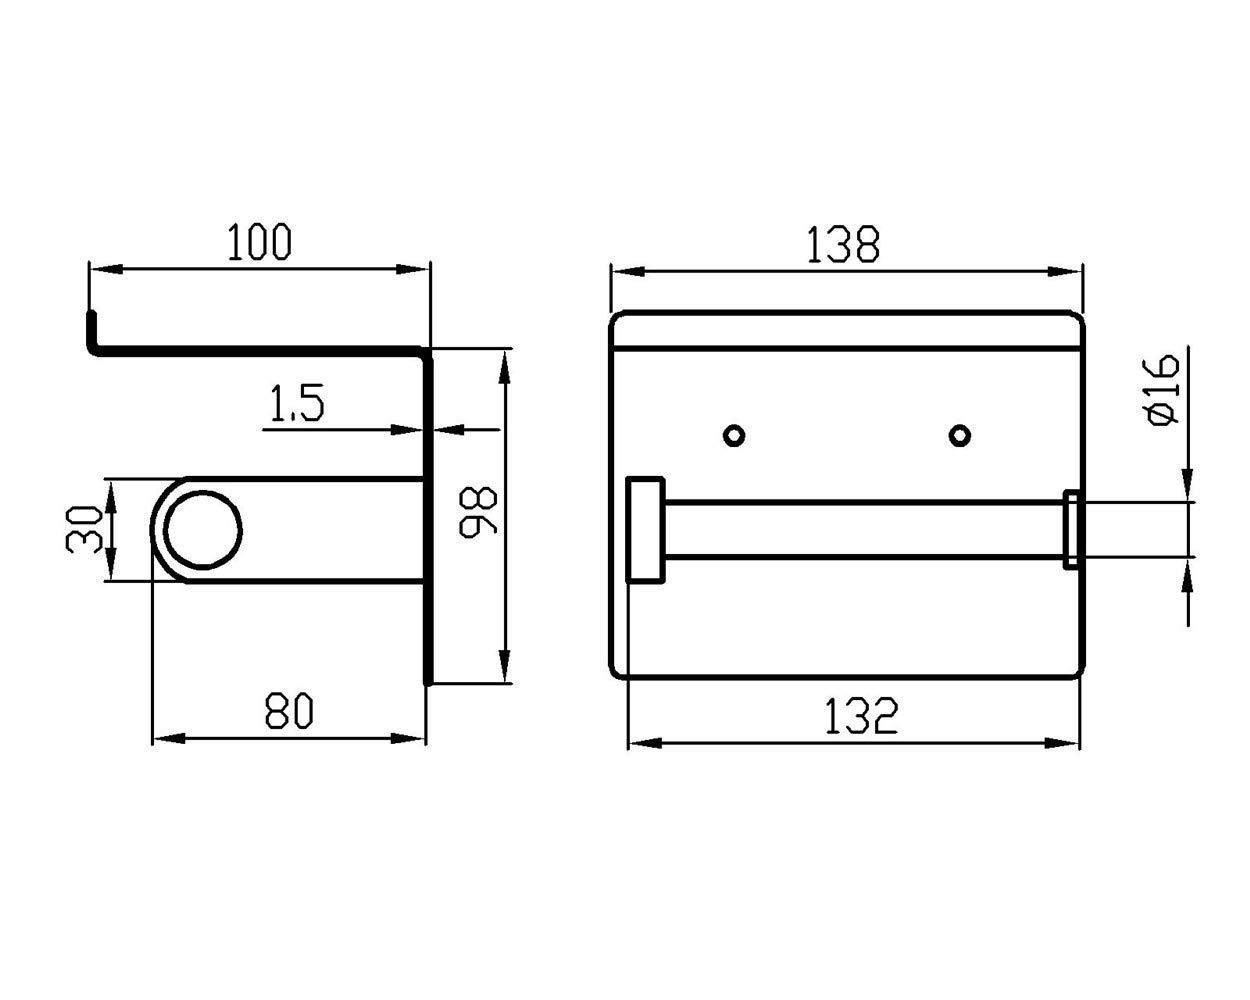 Chrom Poliert Papierrollenhalter mit Telefonablage f/ür K/üche und Badzimmer F928-03B SUS304 Edelstahl Klopapierhalter Selbstklebend oder Schrauben Installation Fomost Toilettenpapierhalter